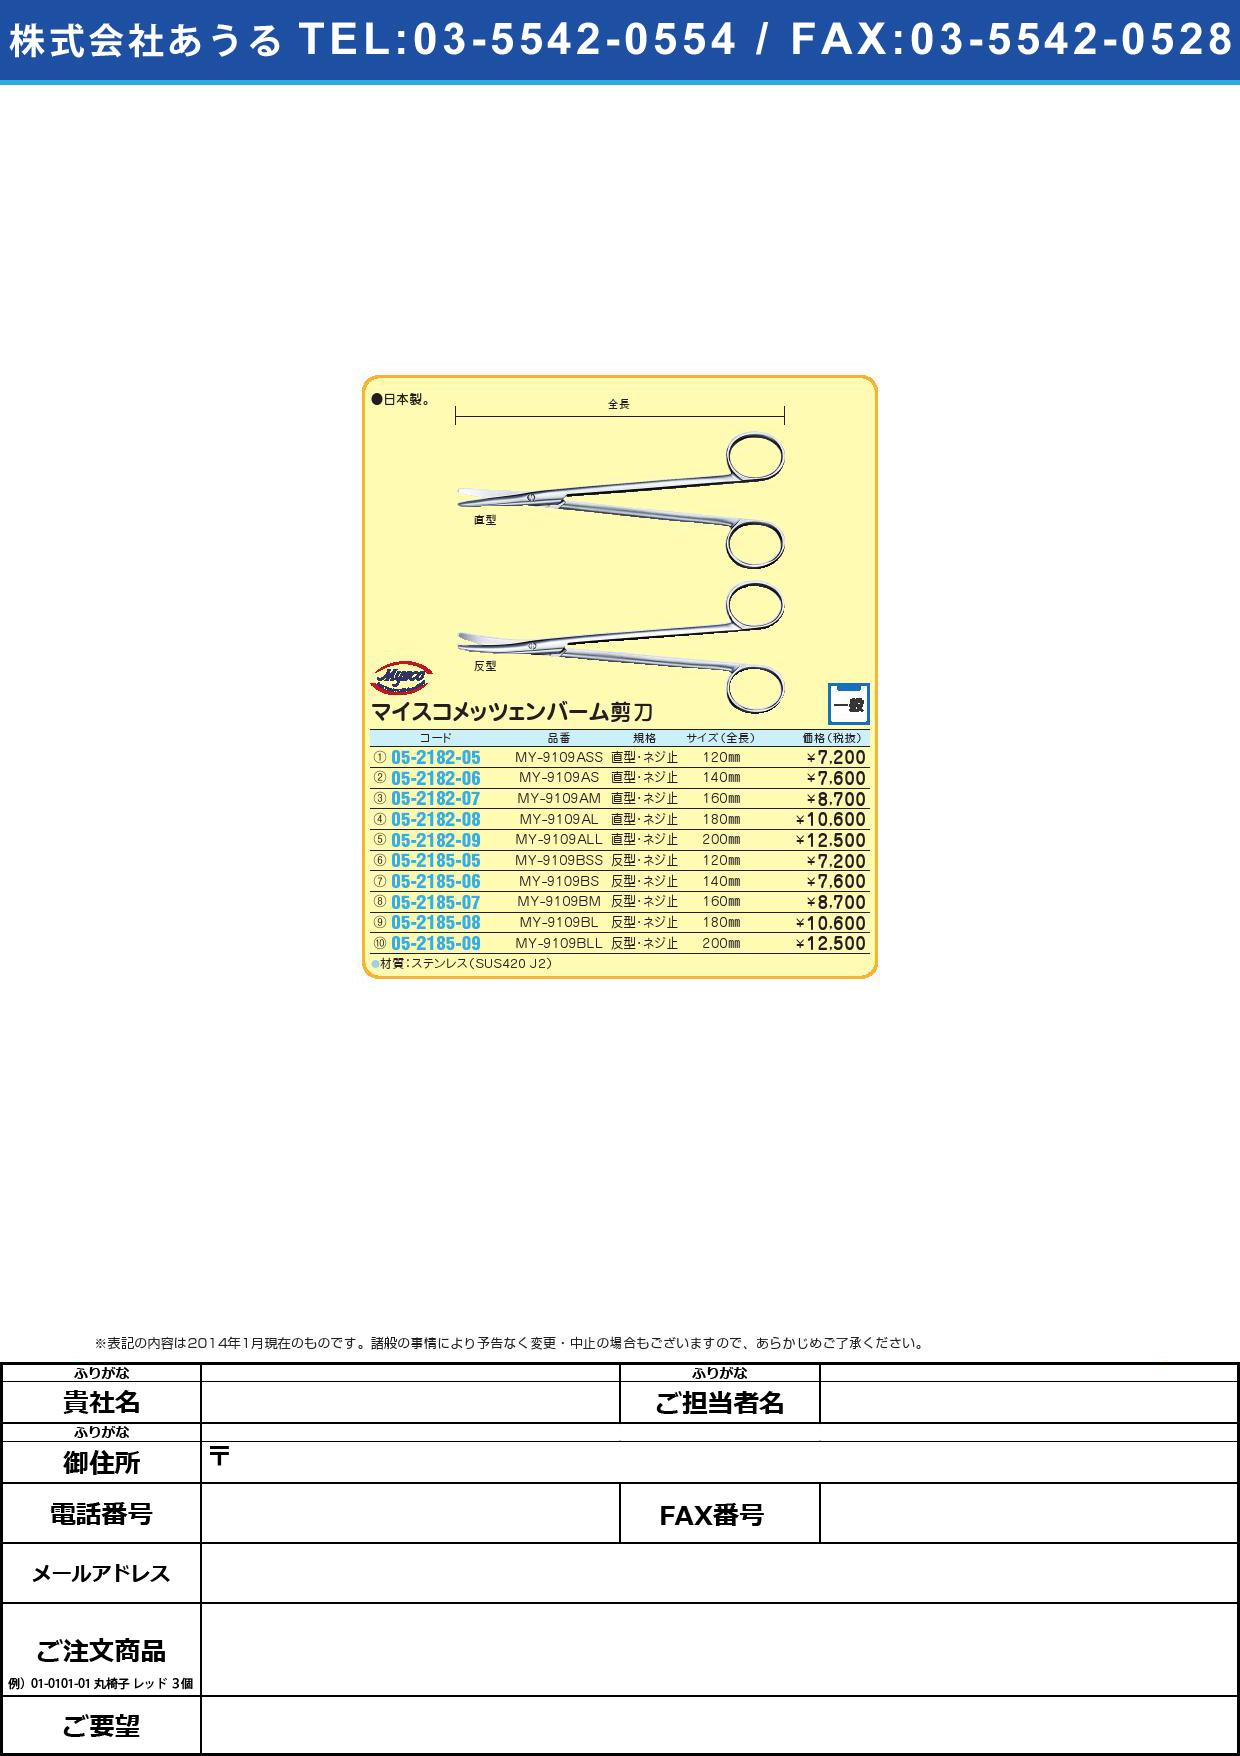 マイスコメッツェンバーム剪刀 直型 マイスコメッツェンバームセントウ(05-2182-09)MY-9109ALL(200MM)【1本単位】【2014年カタログ商品】